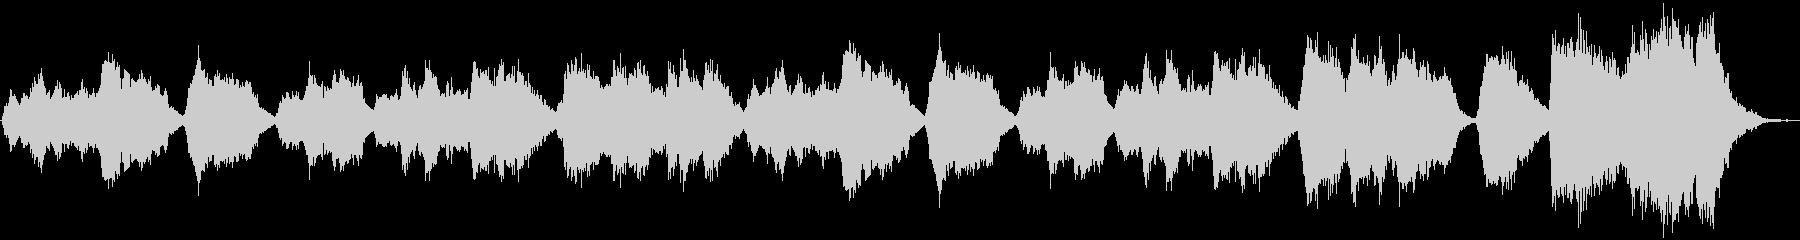 弦楽中心の荘厳なクラシックの未再生の波形